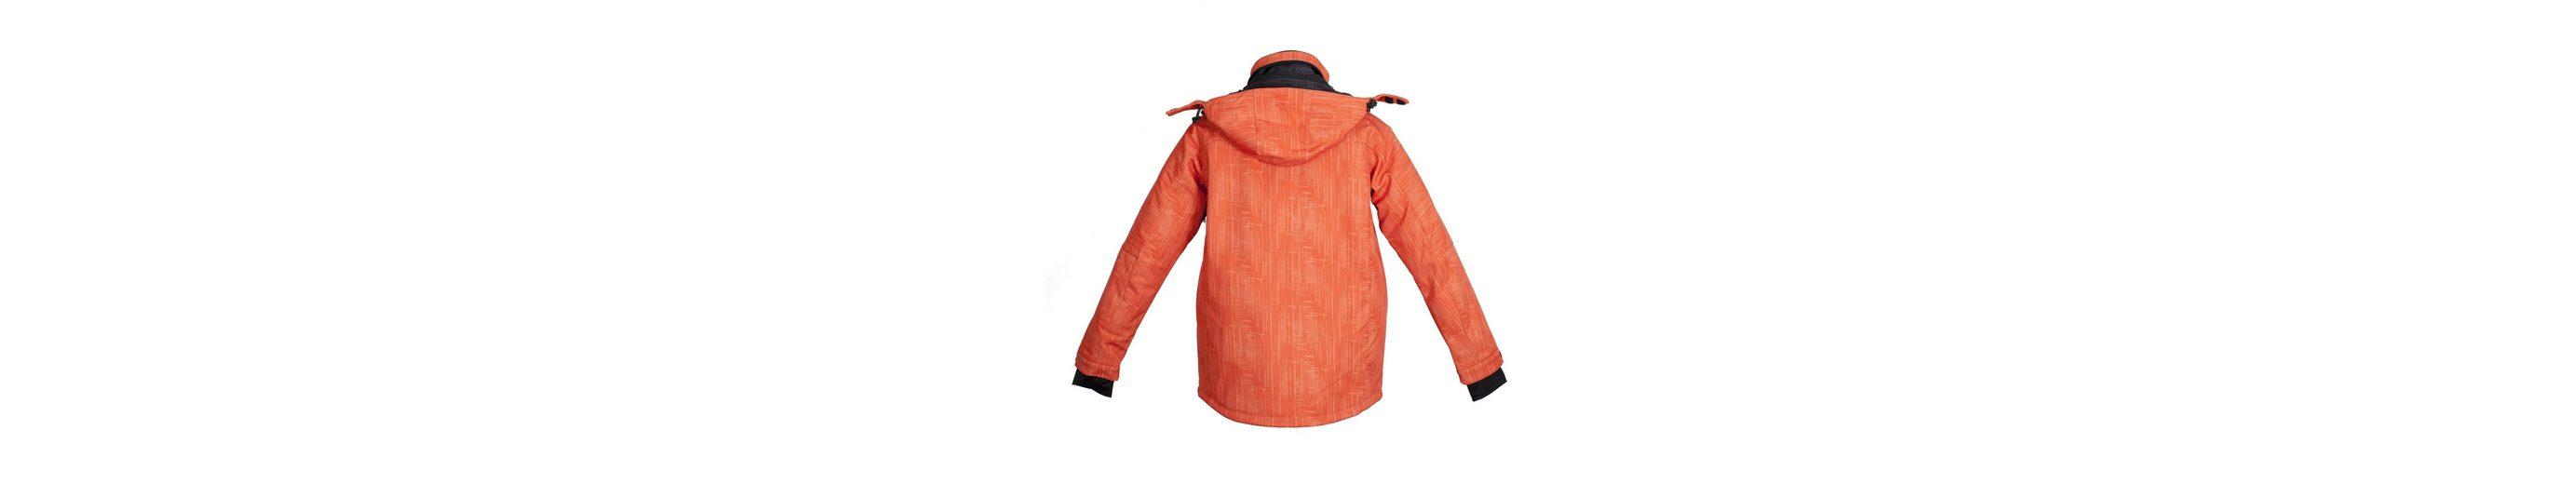 DEPROC Active Softshelljacke CHICOPEE WOMEN Freies Verschiffen Neuestes Billig Verkauf Breite Palette Von xHjG1Fg7O